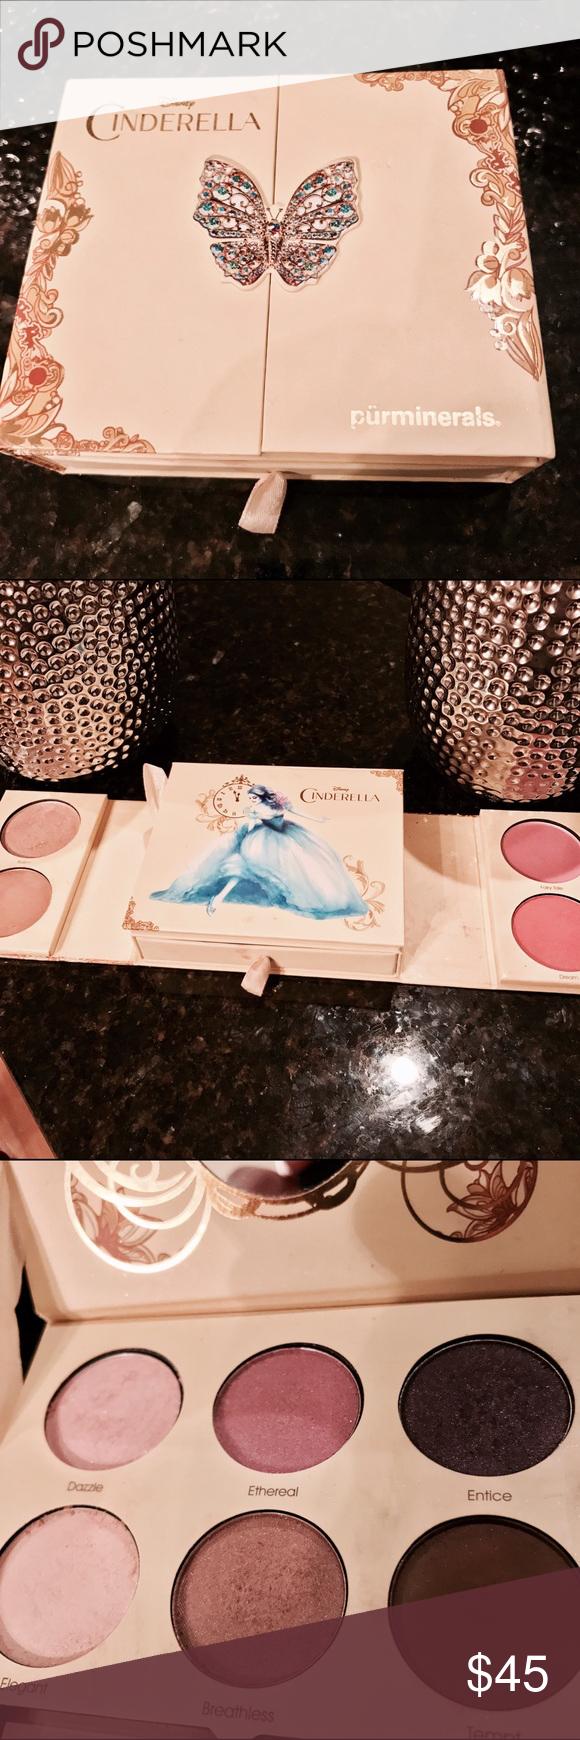 PUR Mineral, Cinderella full makeup kit Full makeup kit